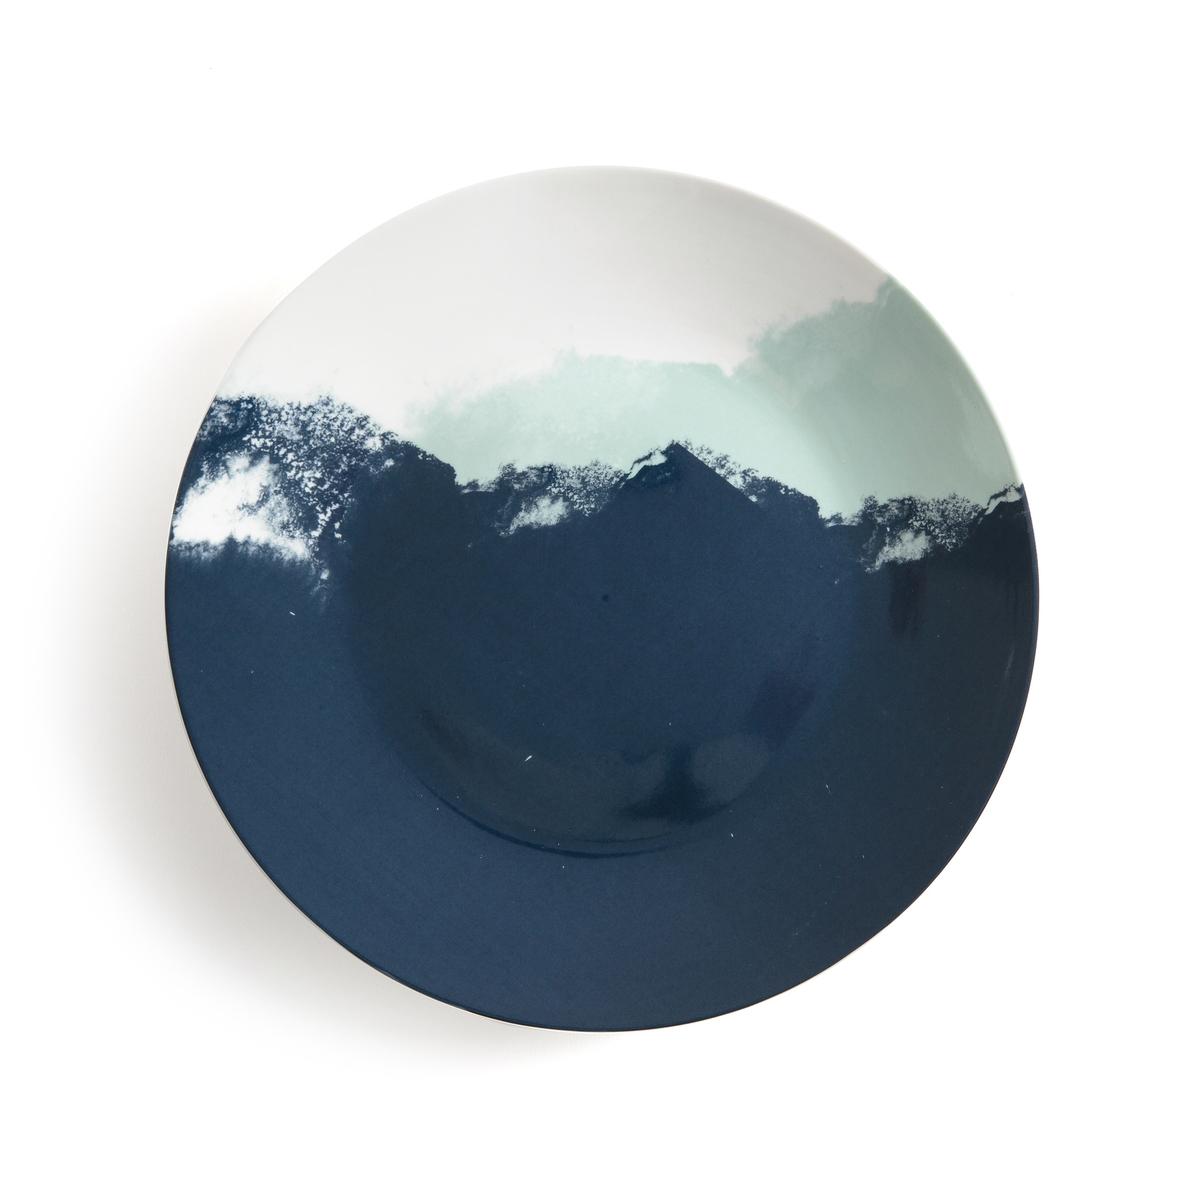 4 тарелки плоских из керамики ECUME4 тарелки плоских из керамики Ecume . Красивое сочетание синих оттенков в морском стиле .Характеристики 4 тарелок Ecume.:- Из тонкой керамики .- Диаметр 26,5 см .- Можно использовать в посудомоечных машинах и микроволновых печах.Десертные тарелки и кружки Ecume. продаются на сайте laredoute.ru<br><br>Цвет: синий/наб. рисунок